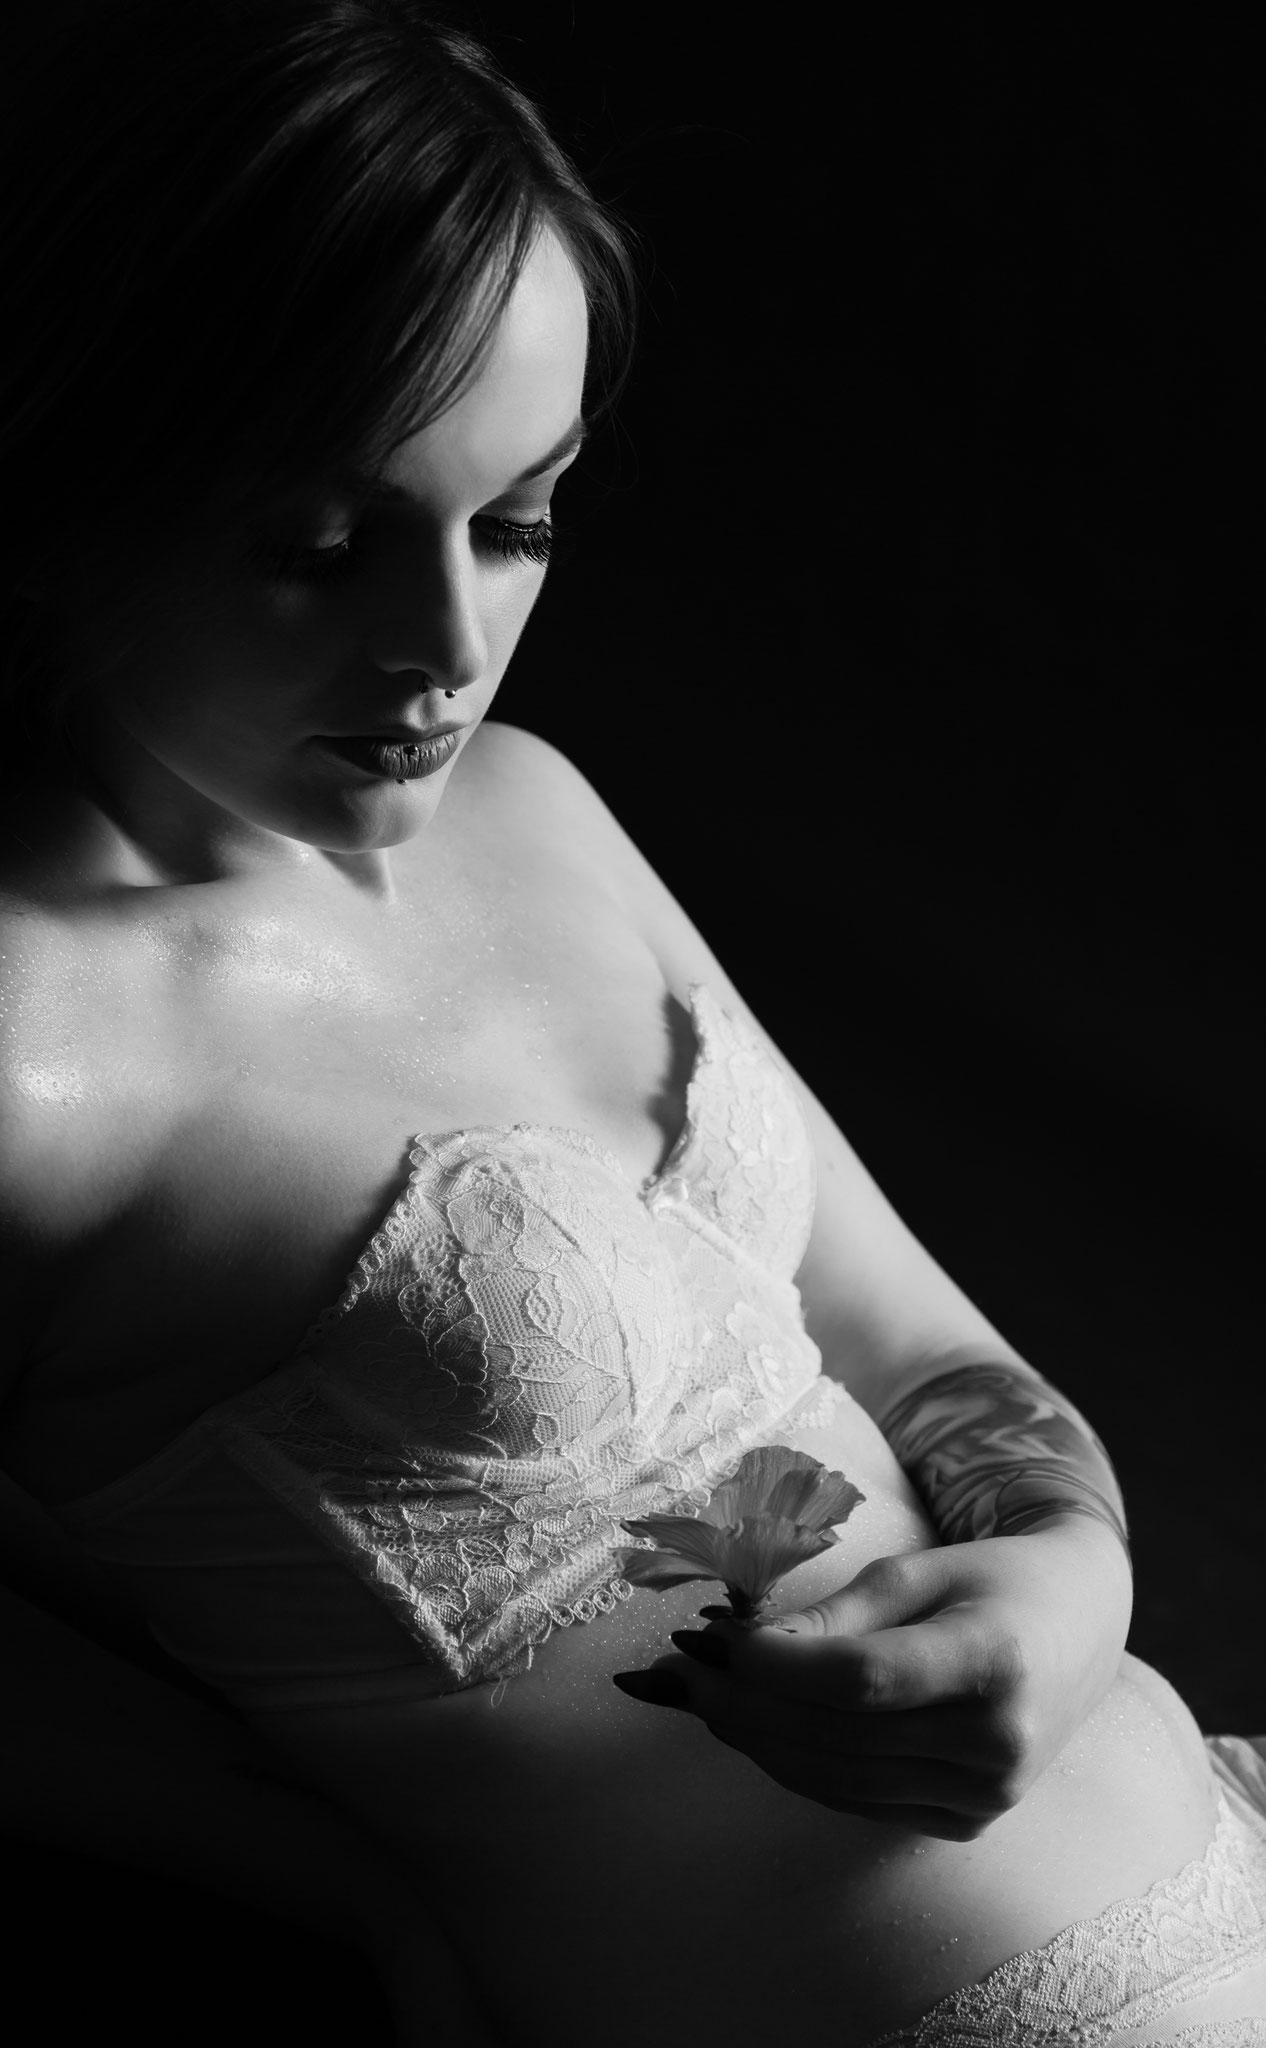 Sinnliches schwarz weiß Dessous Foto von Aktfotograf aus Erlangen